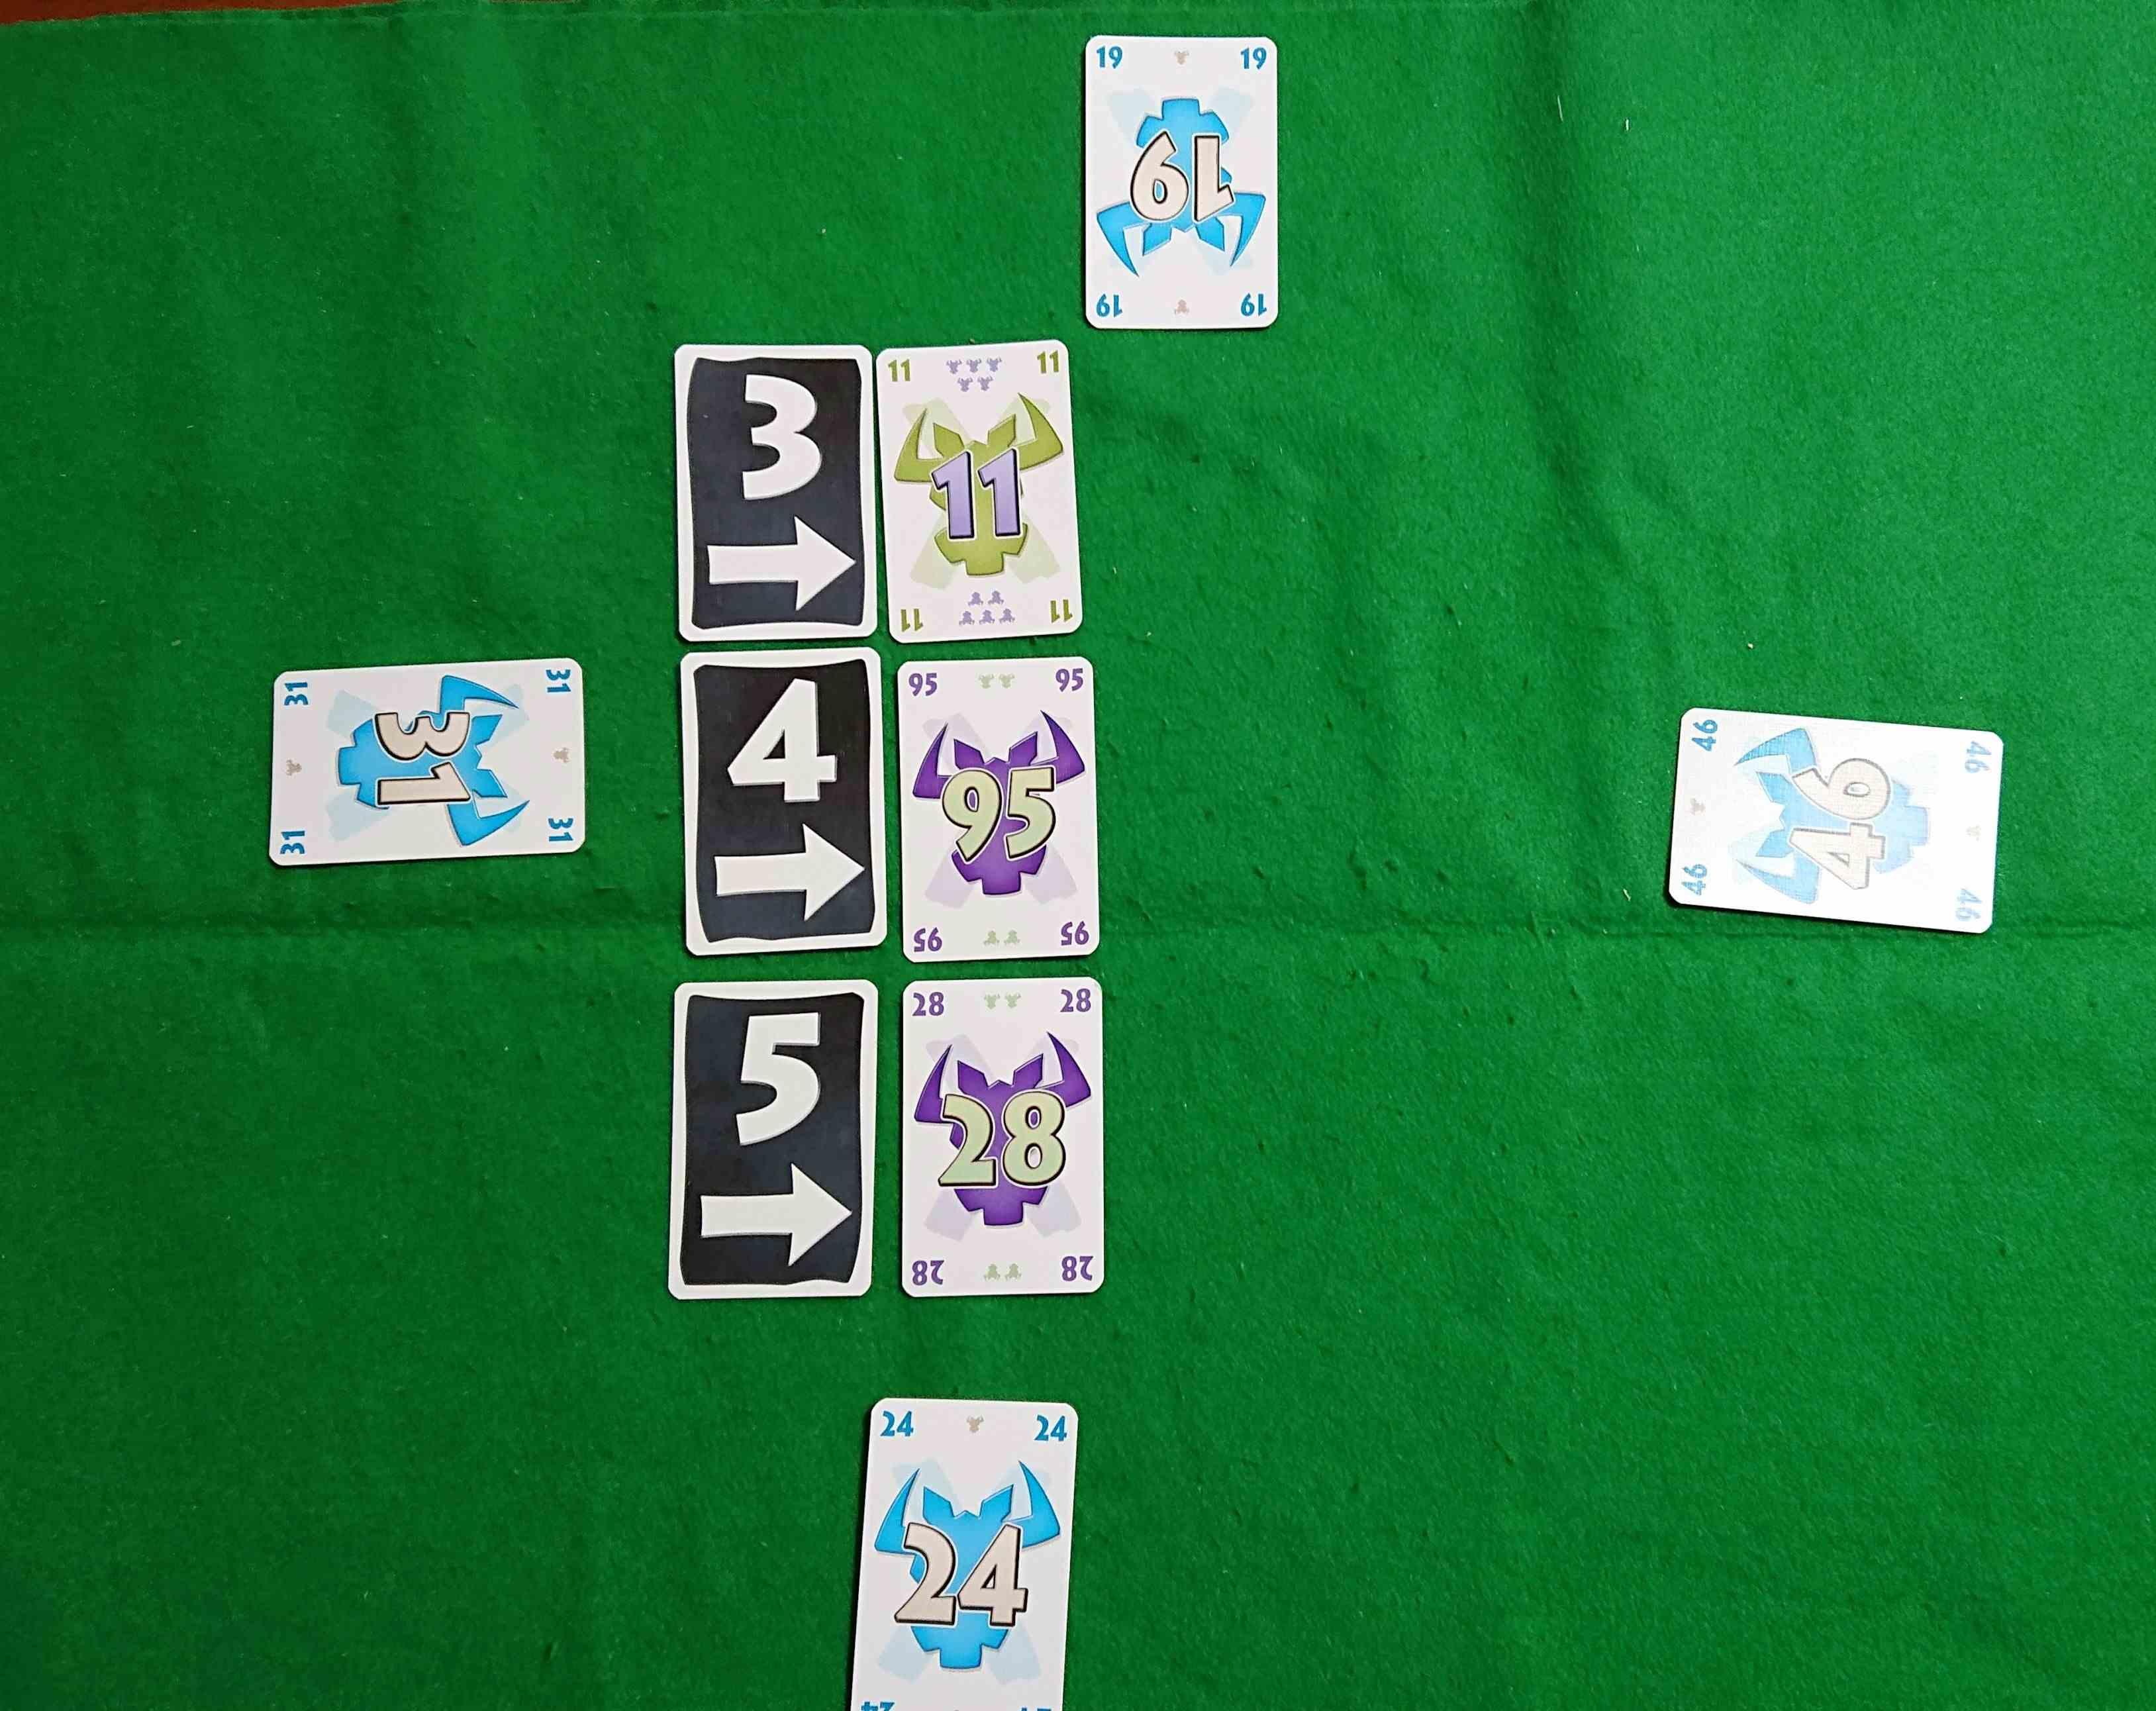 Xニムト ニムトがより戦略的に! 2人だとかなりガチゲー?! カードゲーム ボードゲーム